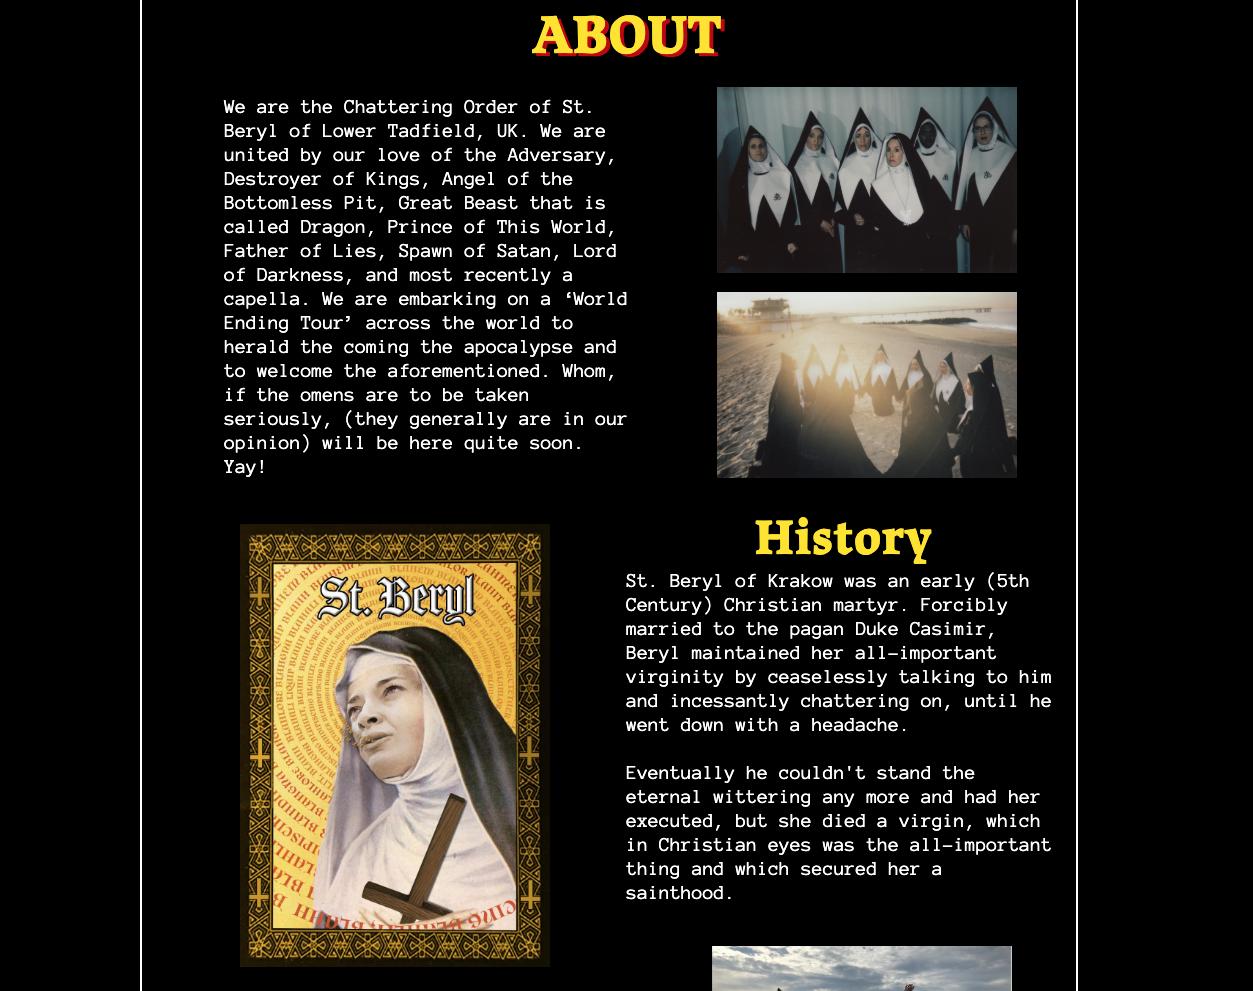 Chattering nuns good omens website hal kirkland 3.png